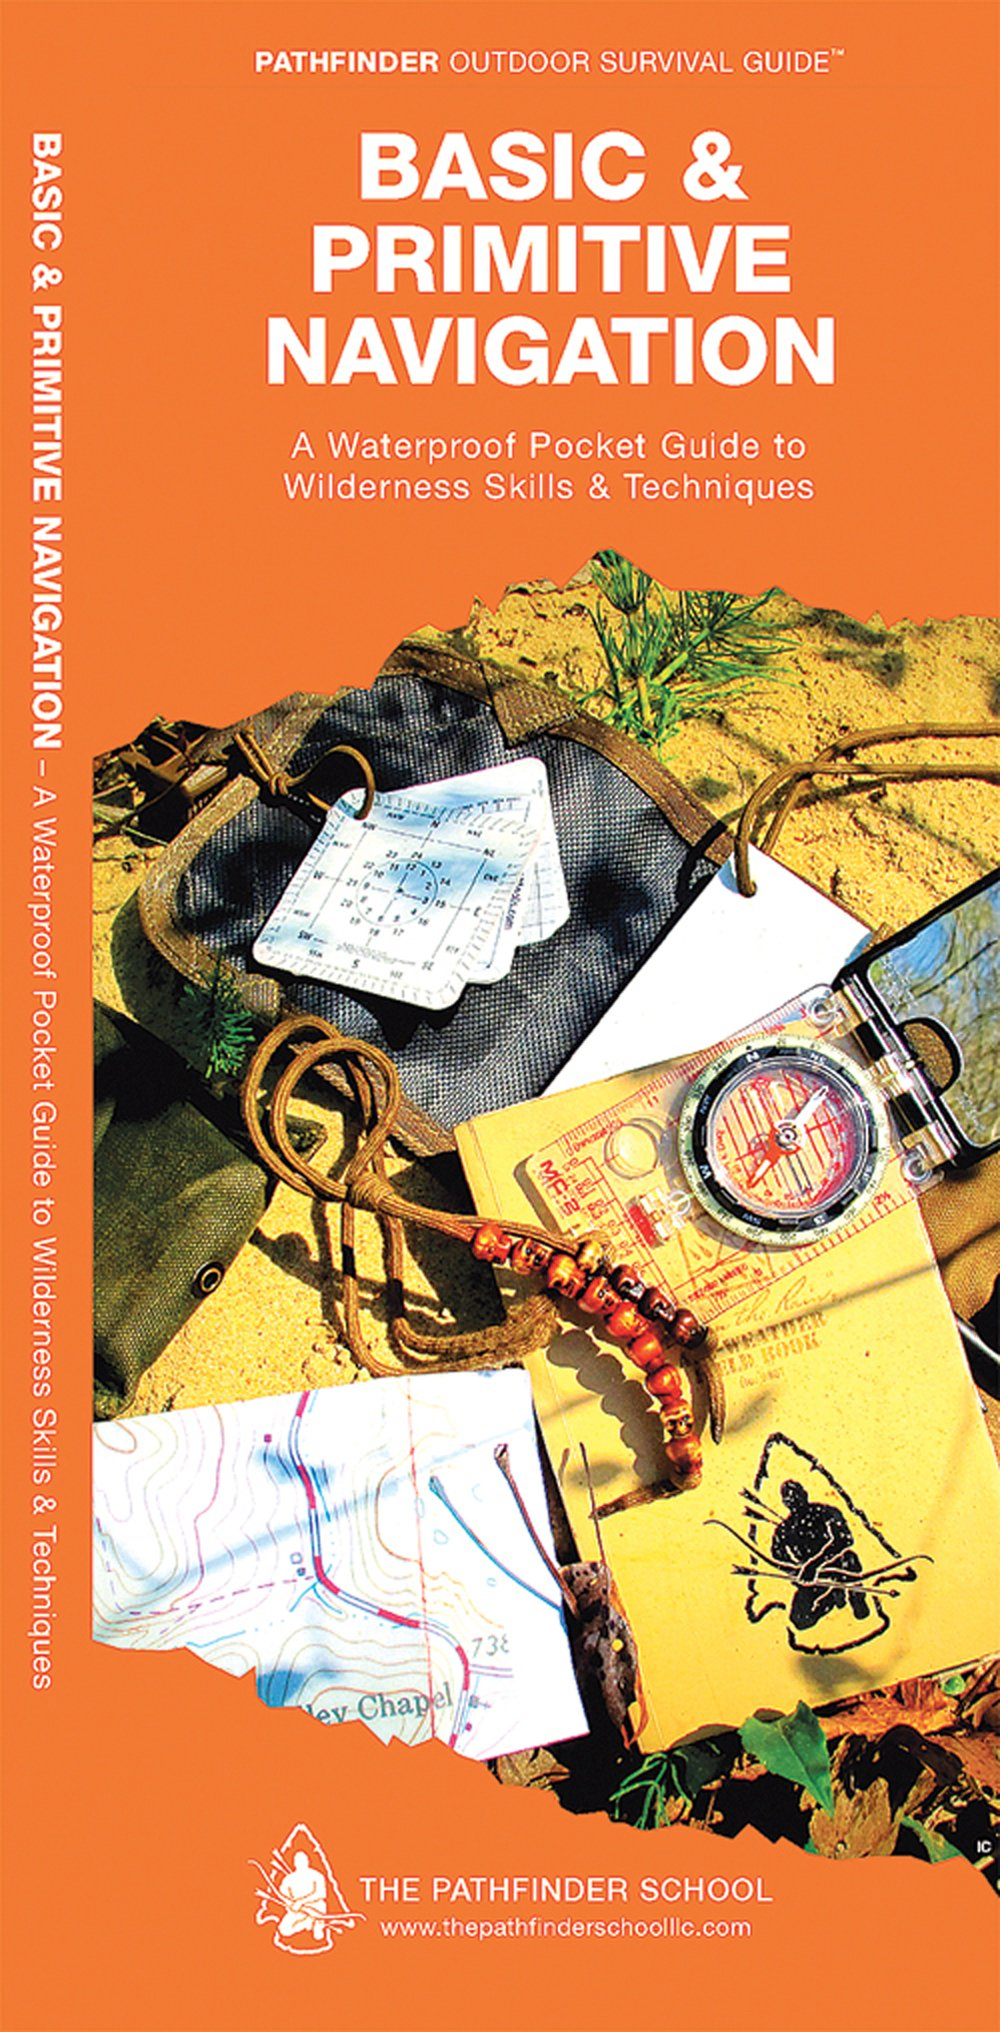 Basic Primitive Navigation (Pathfinder Outdoor Survival Guide™)